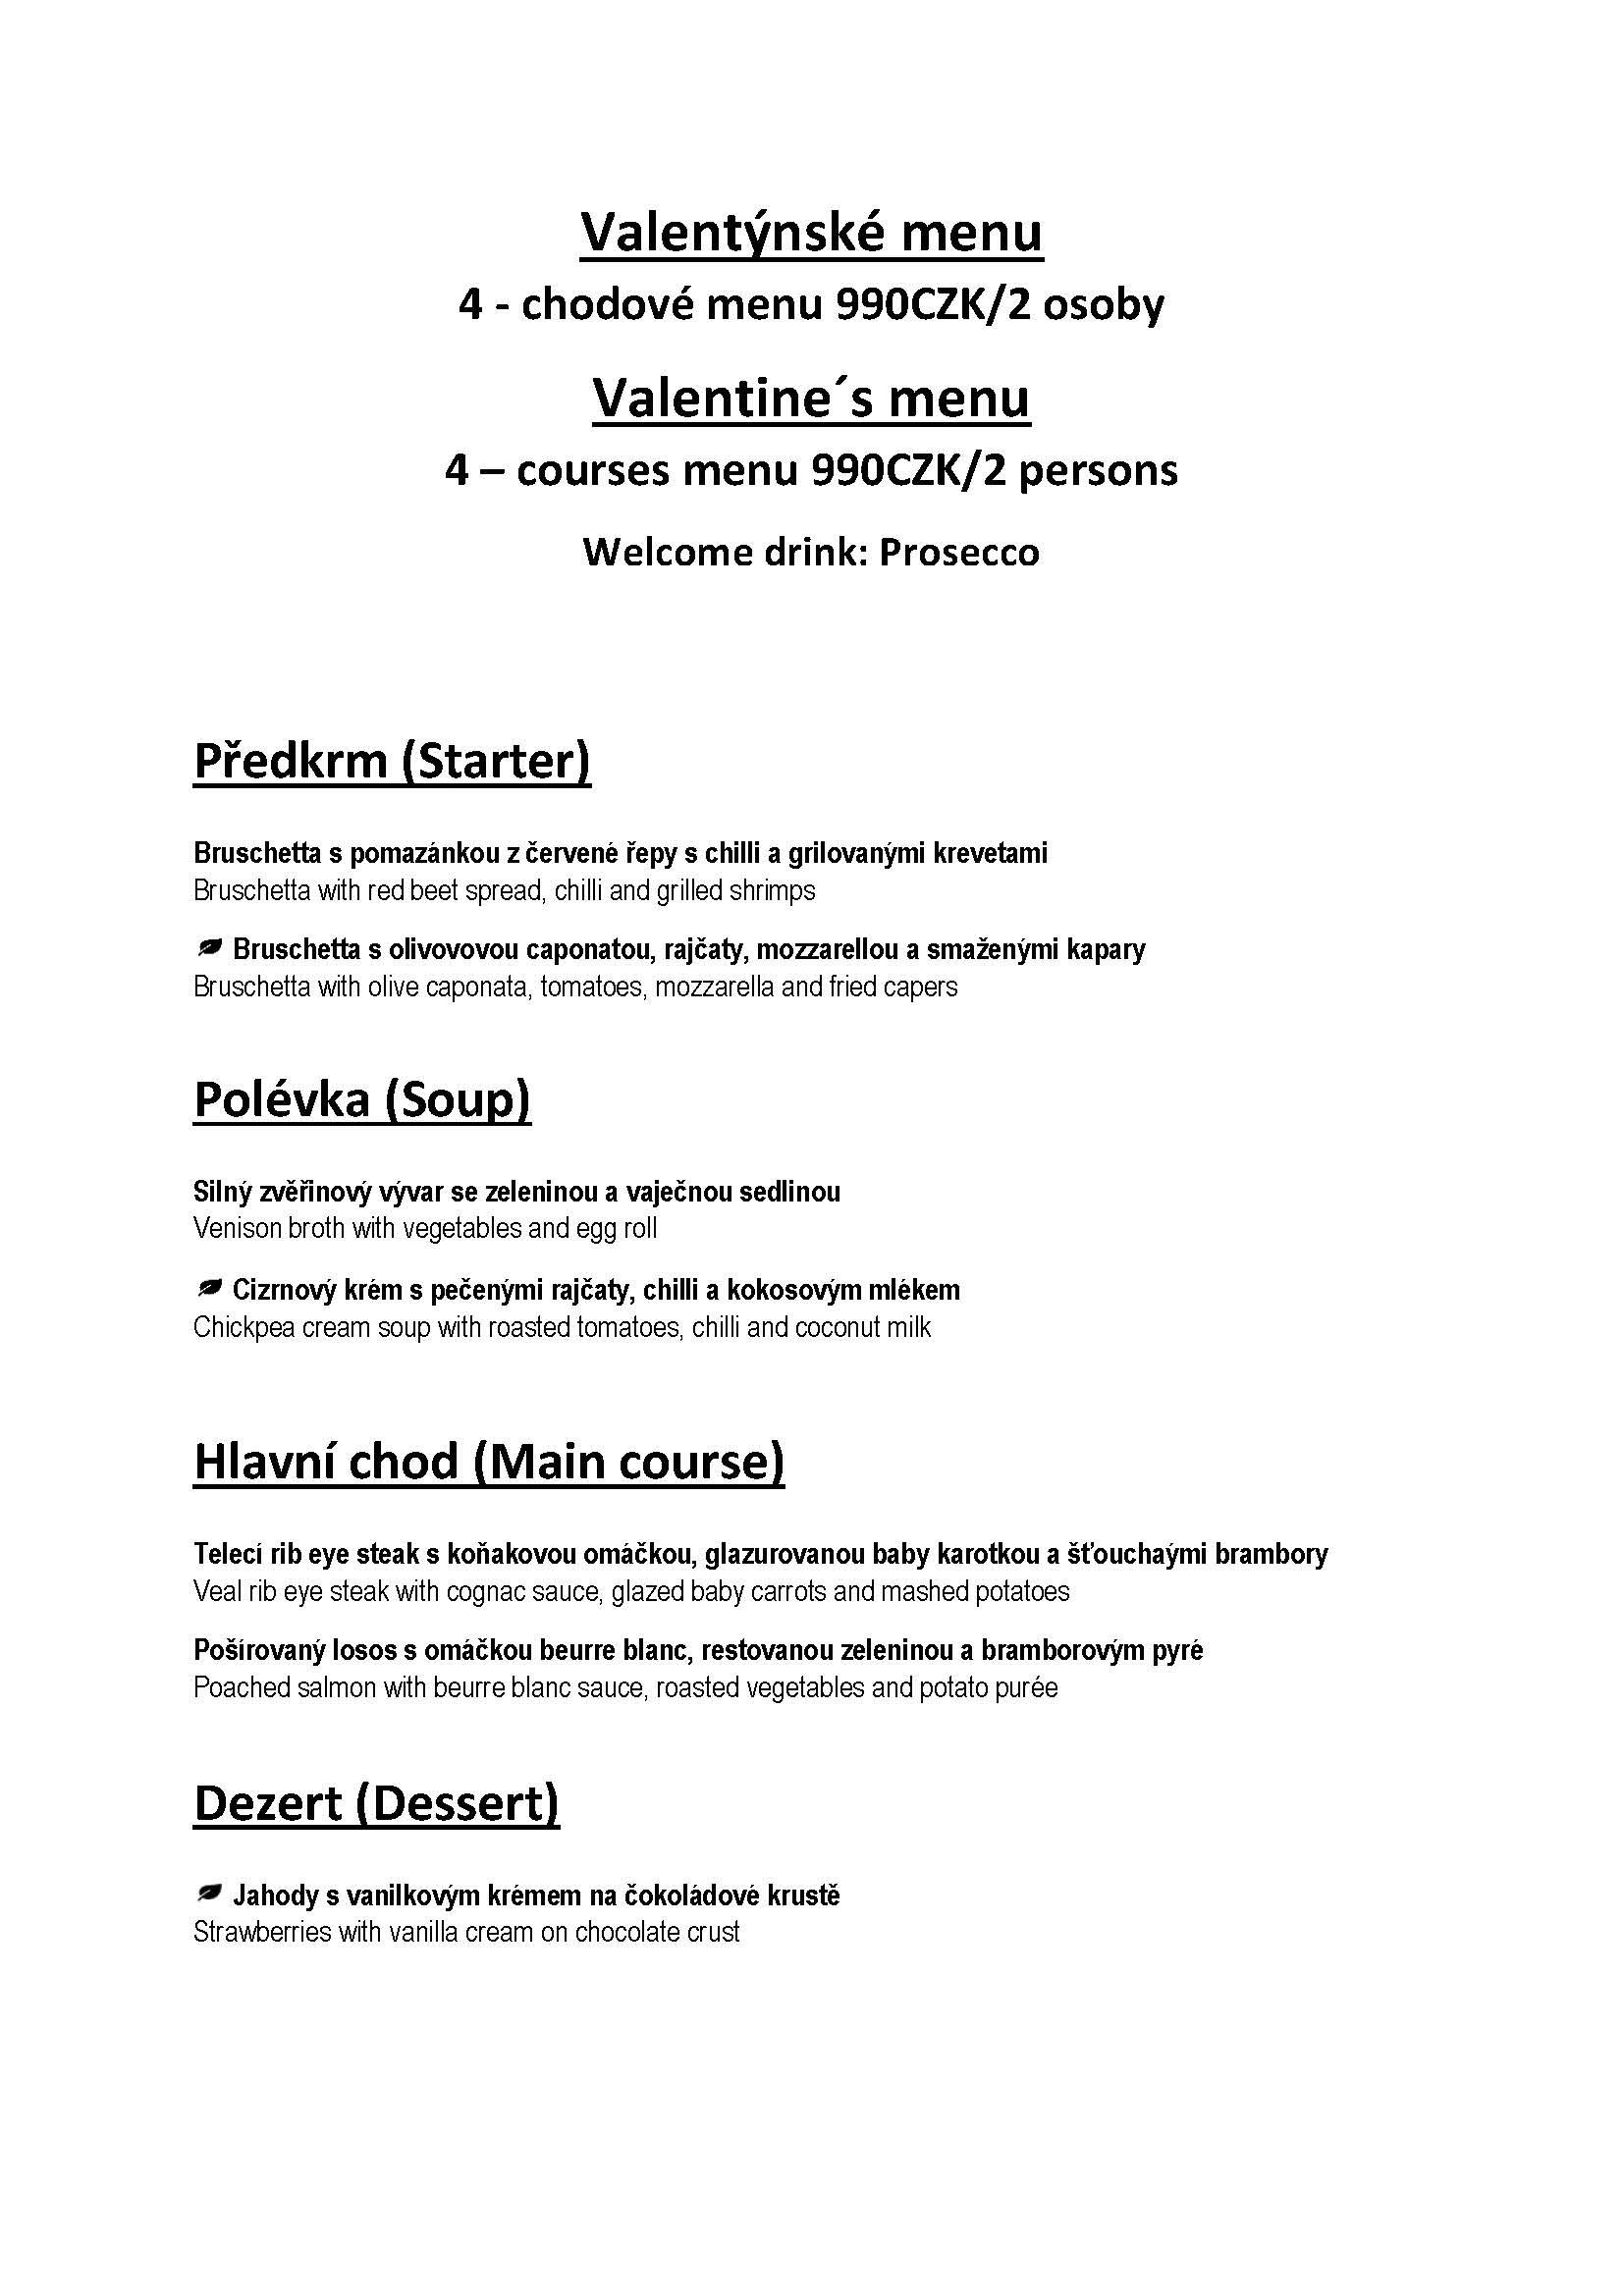 Valentýnské menu2